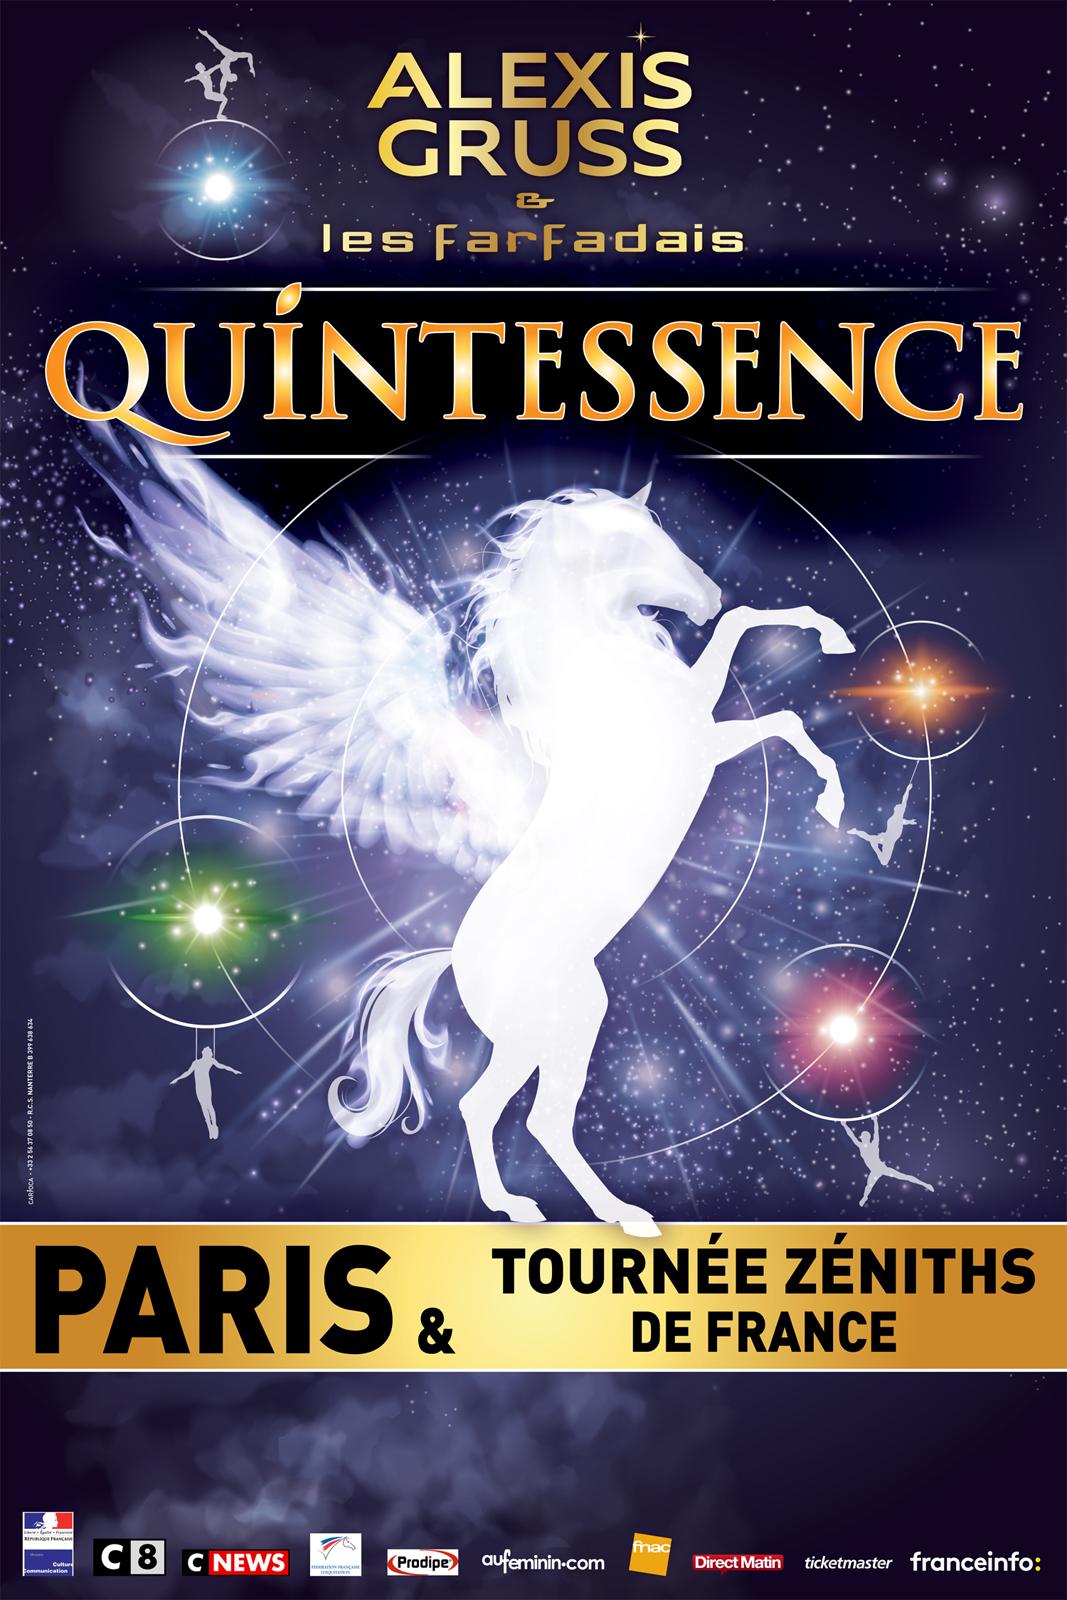 affiche-quintessence-spectace-cirque-alexis-gruss-et-les-farfadais-paris-et-tournee-des-zenith-france